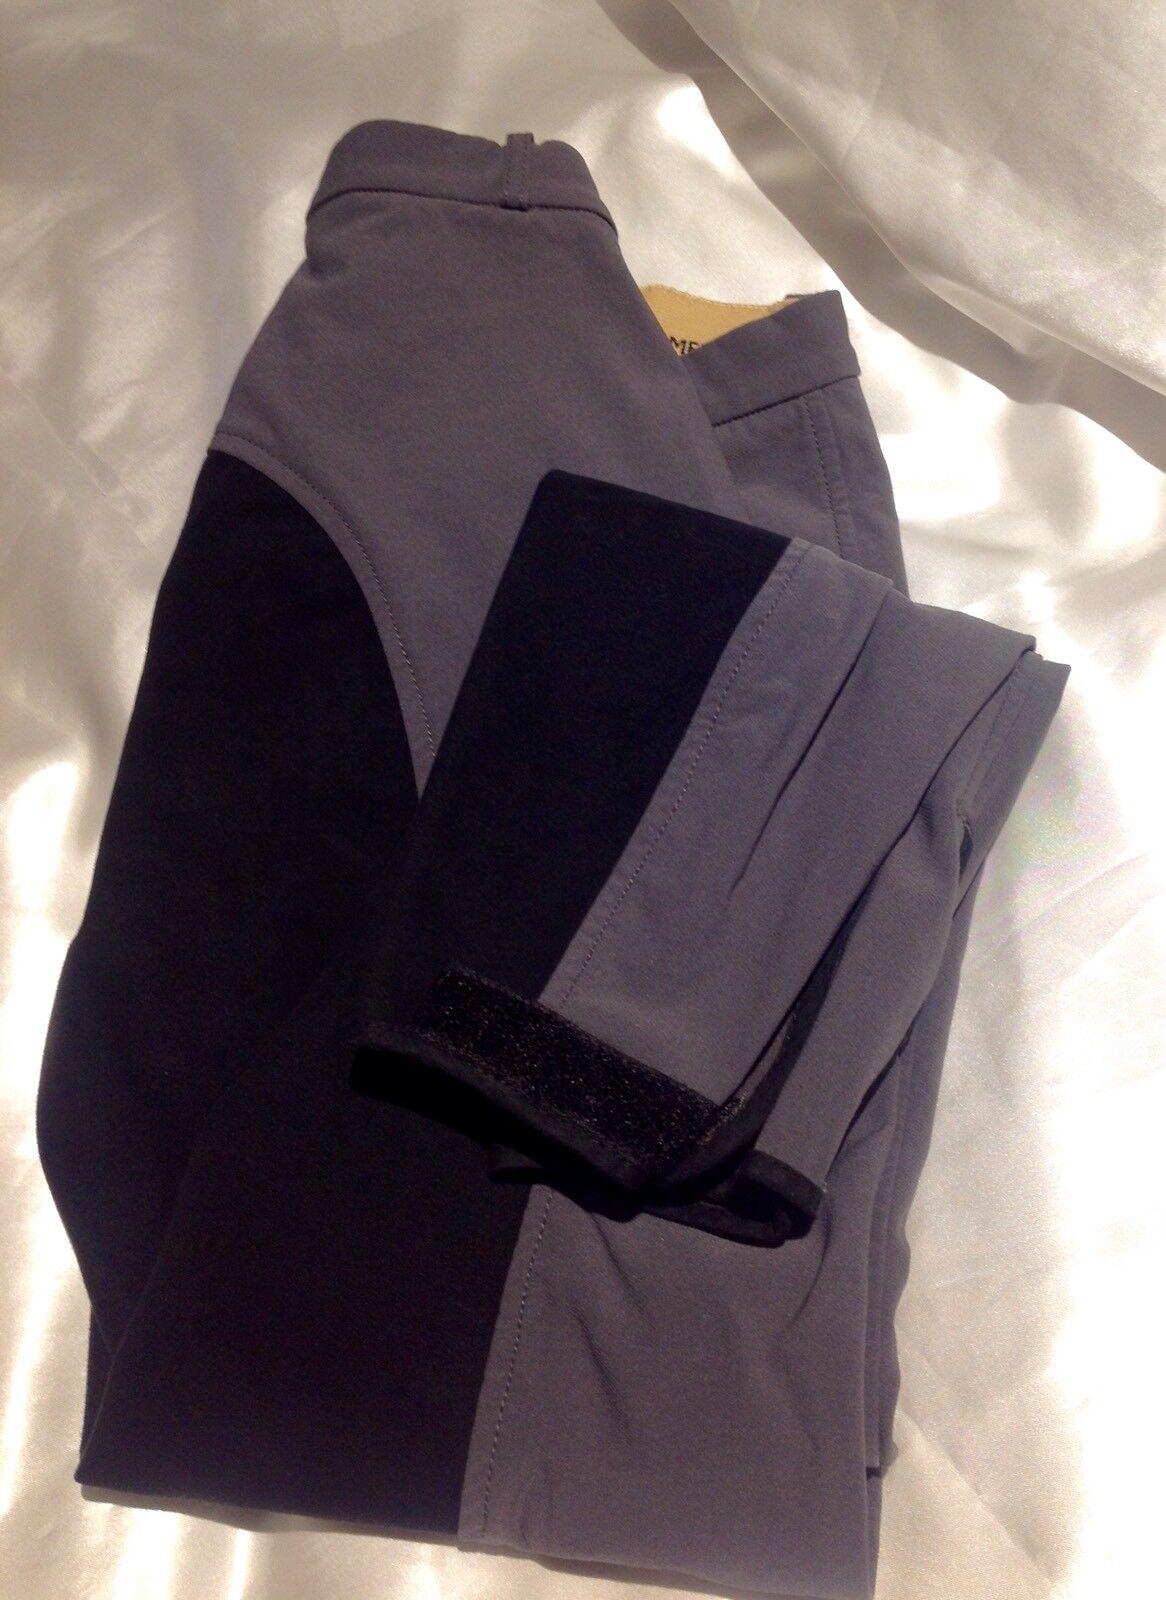 HKM Pantalones  De Montar Equitación Pantalones con Asiento Completo De Lycra & Teflón gris De Calidad Premium  mejor vendido